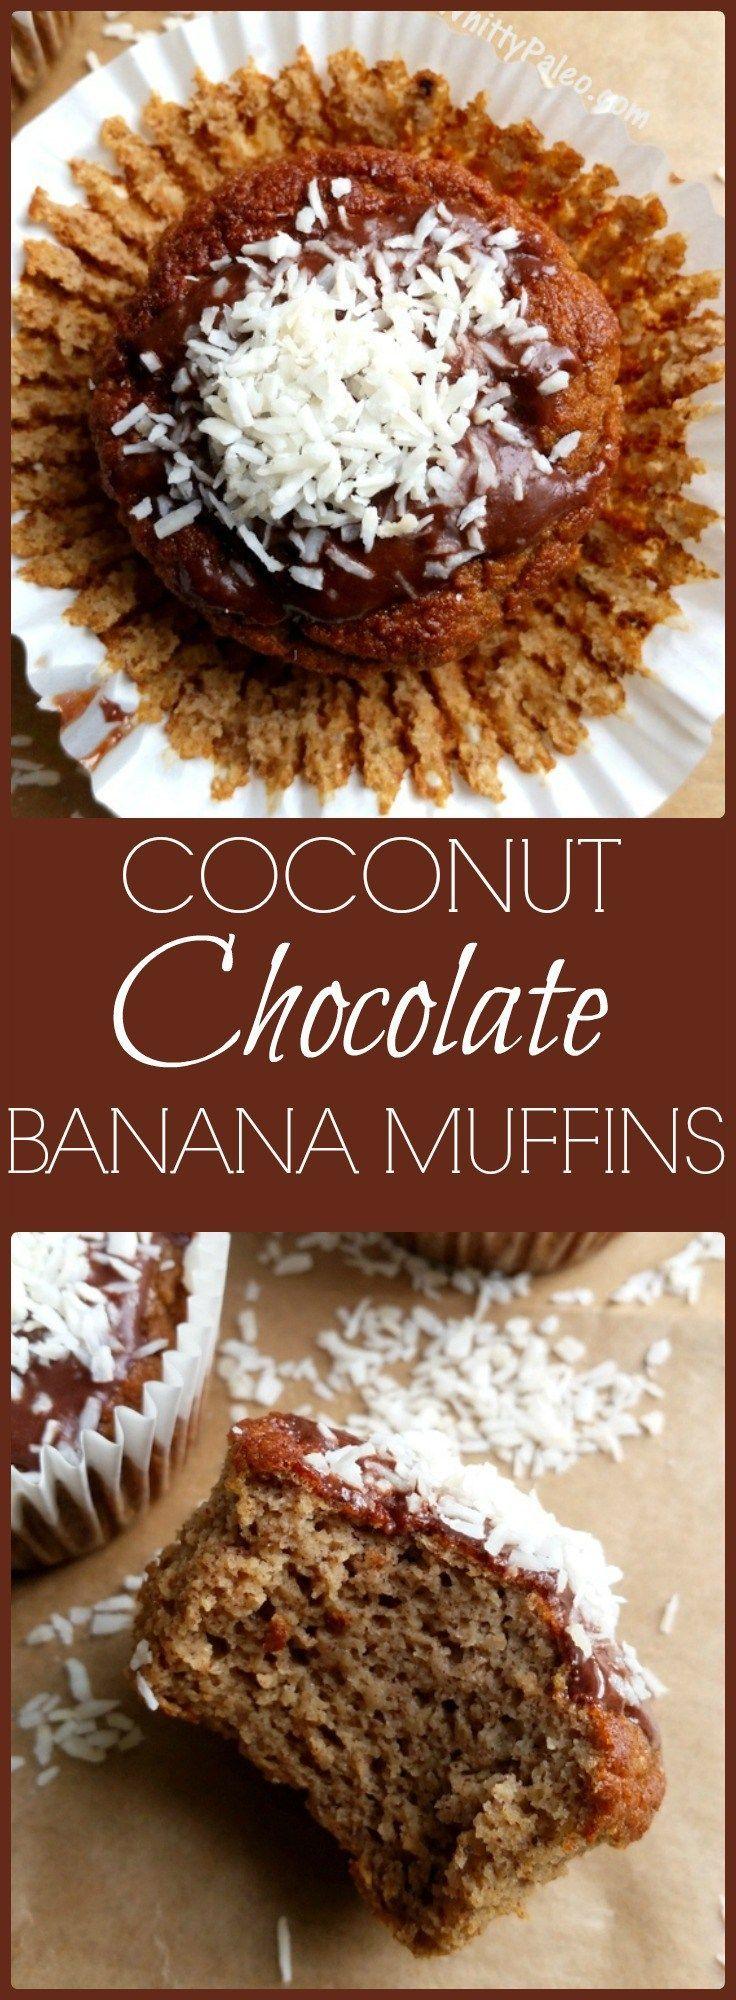 Paleo & Gluten Free Coconut Cream Chocolate Banana Muffins via /whittypaleo/